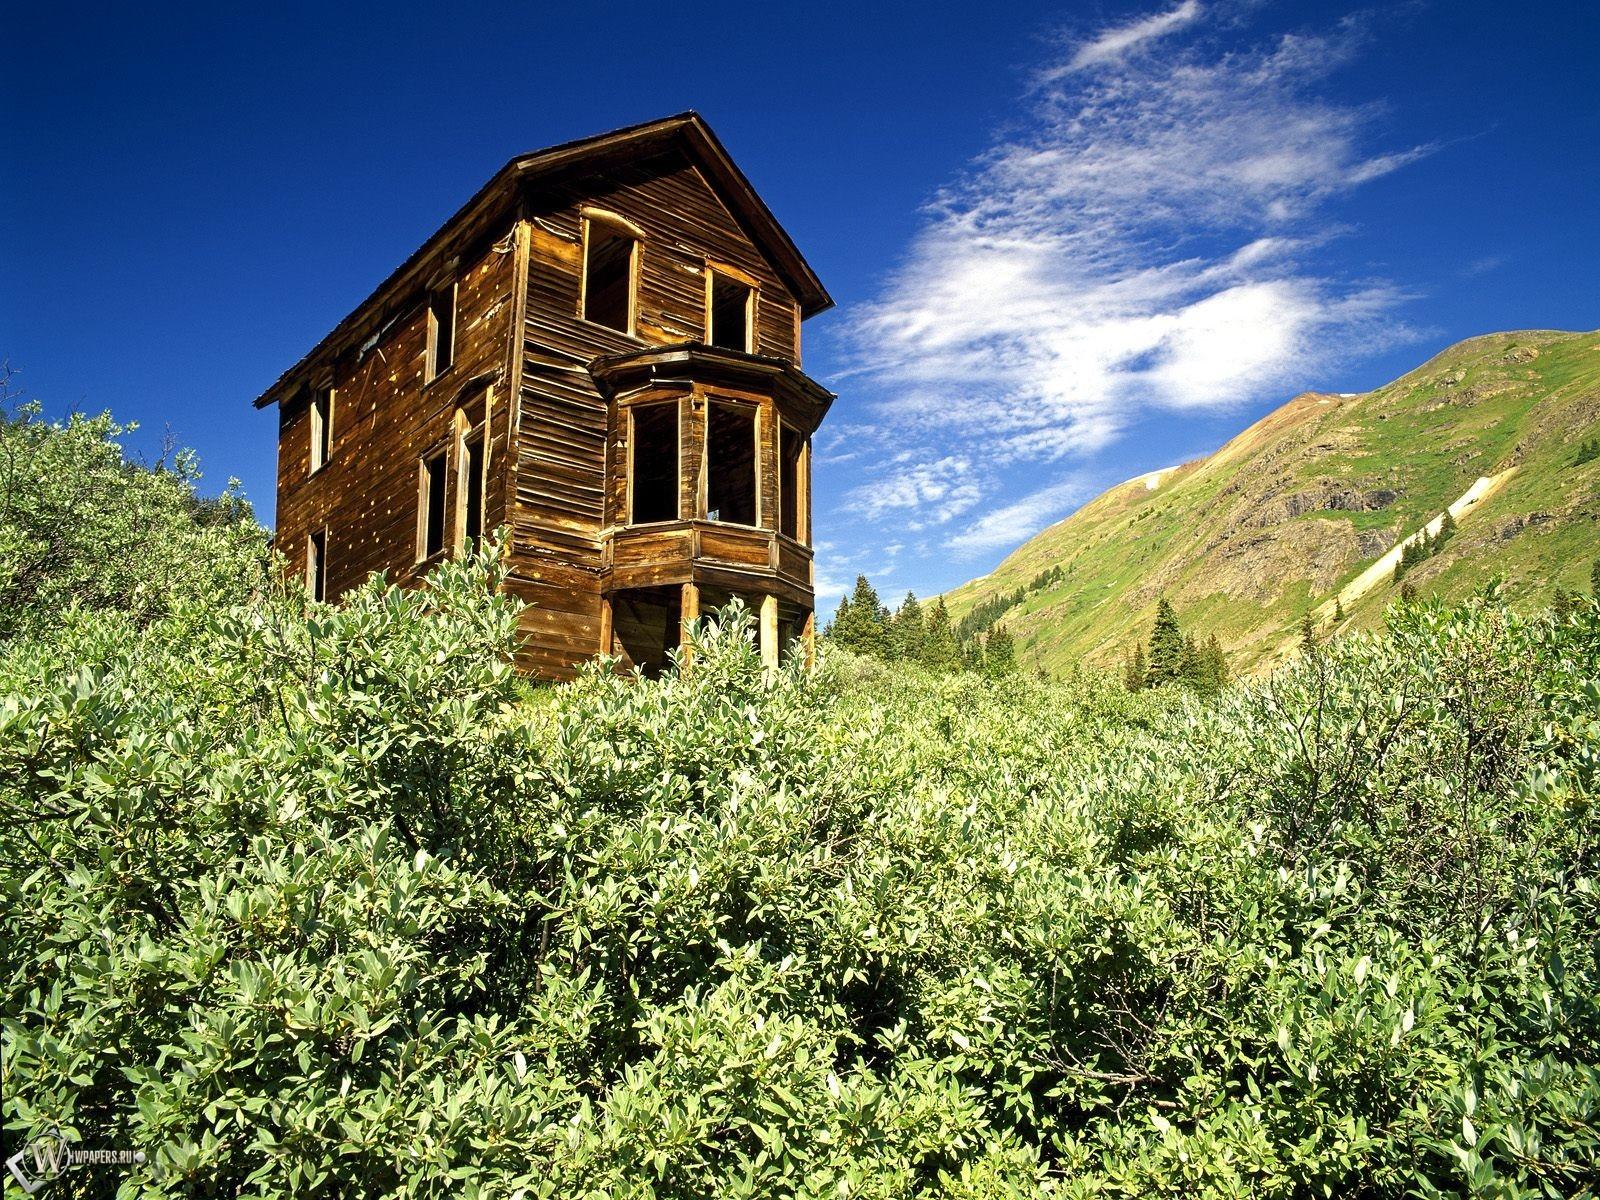 Хижина в горах 1600x1200